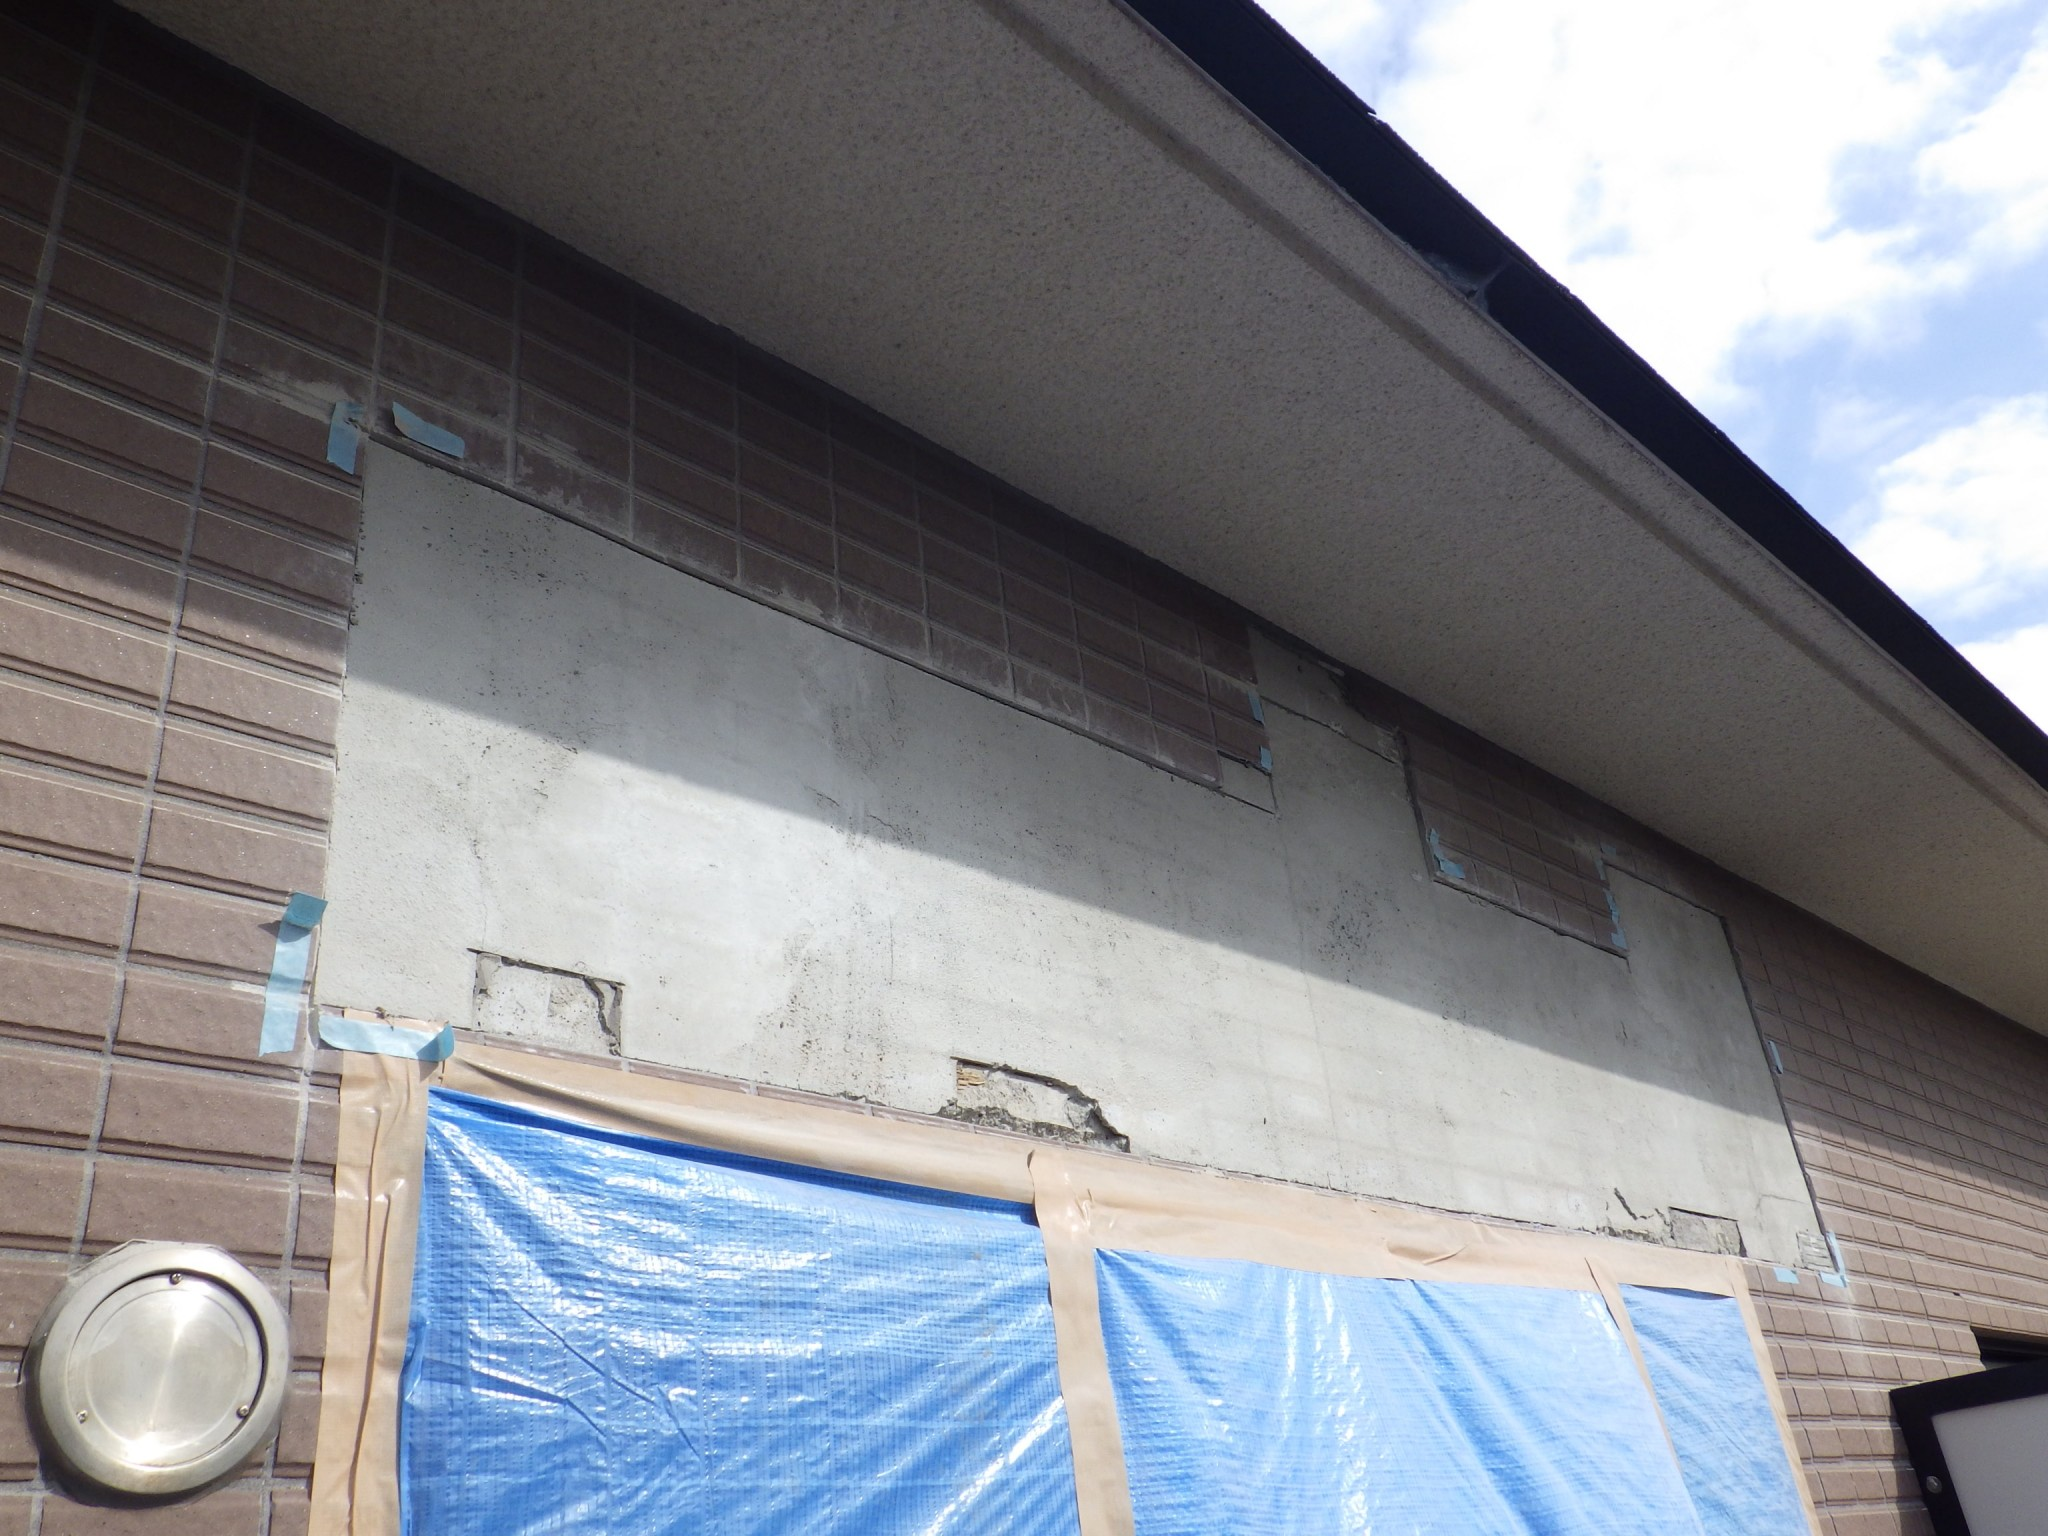 外壁タイルの浮き・剥離に悩むマンションへ、「脱タイル」という新しい選択肢